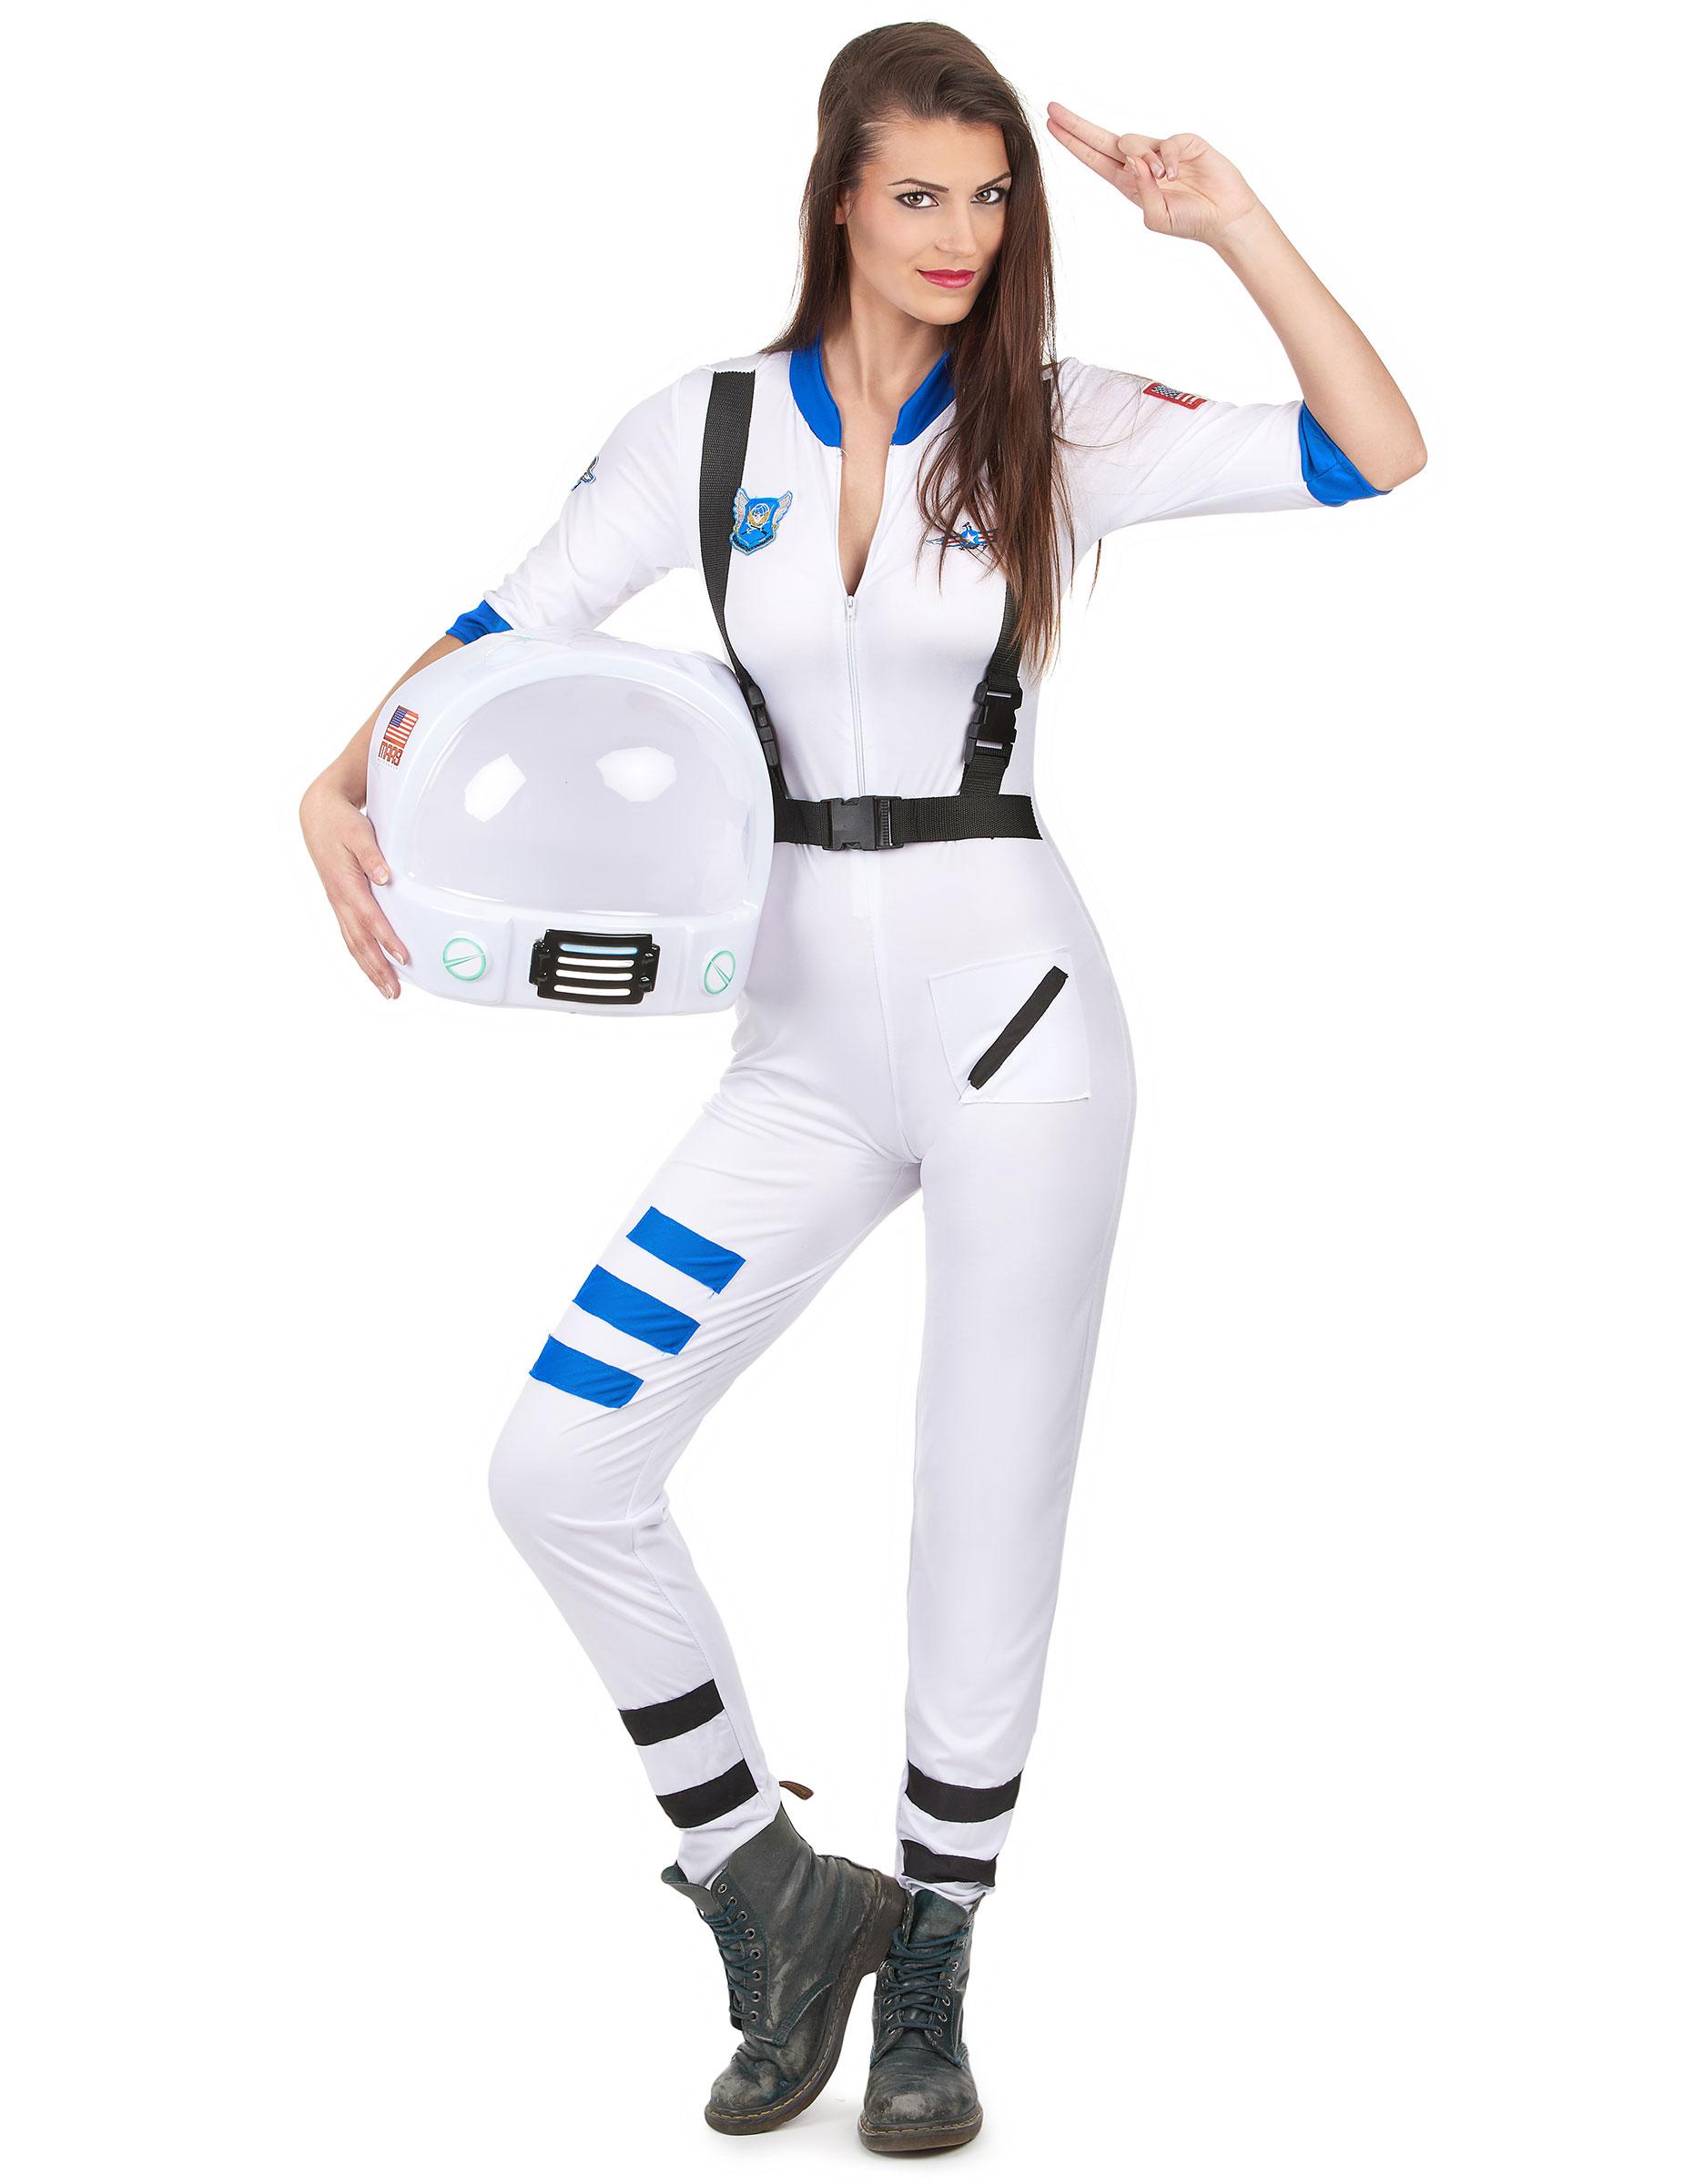 Weltraumkostume Fur Erwachsene Alle Weltall Kostume Fur Damen Herren